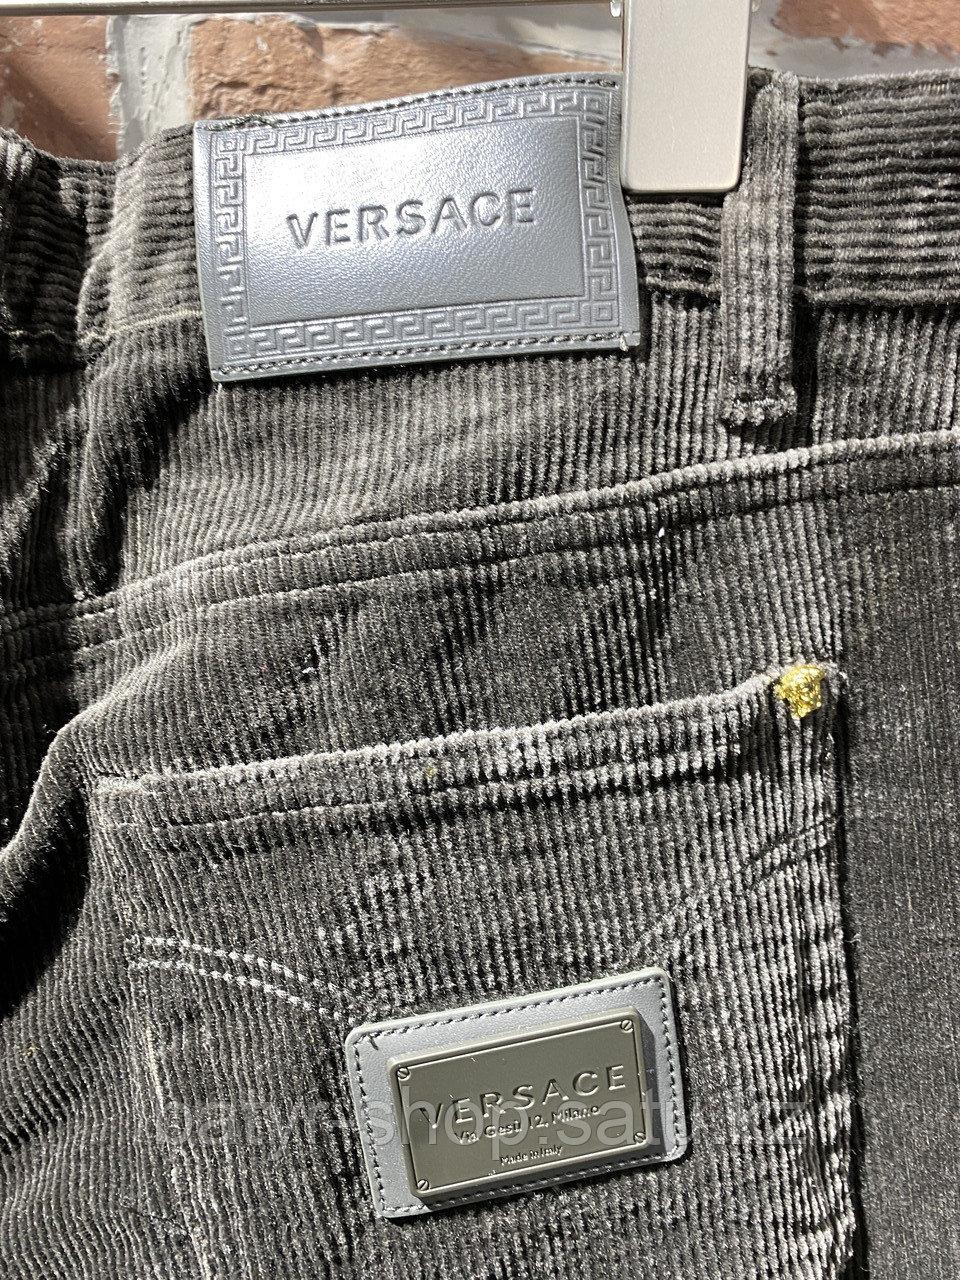 Джинсы вельветовые Versace (0293) - фото 5